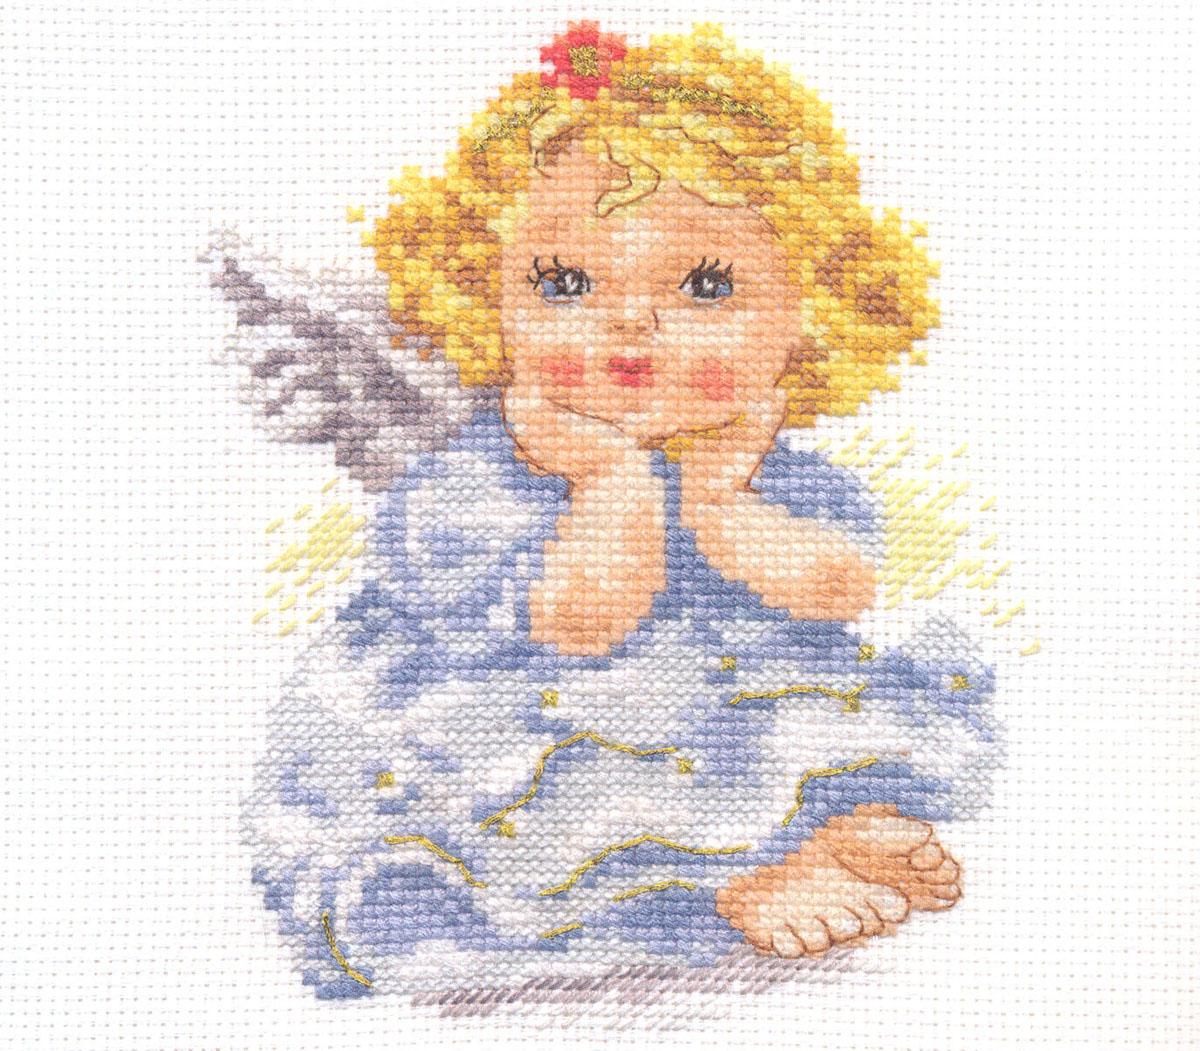 Набор для вышивания крестом Ангелок мечты, 11 х 14 см 661171661171Набор для вышивания Ангелок мечты поможет вам создать свой личный шедевр - красивую картину, вышитую крестом в технике счетный крест. Работа, выполненная своими руками, станет отличным подарком для друзей и близких! Набор содержит: - белая канва Aida 14 (хлопок), - нитки мулине - 19 цветов (хлопок), - игла, - цветная схема для вышивания, - инструкция на русском языке.